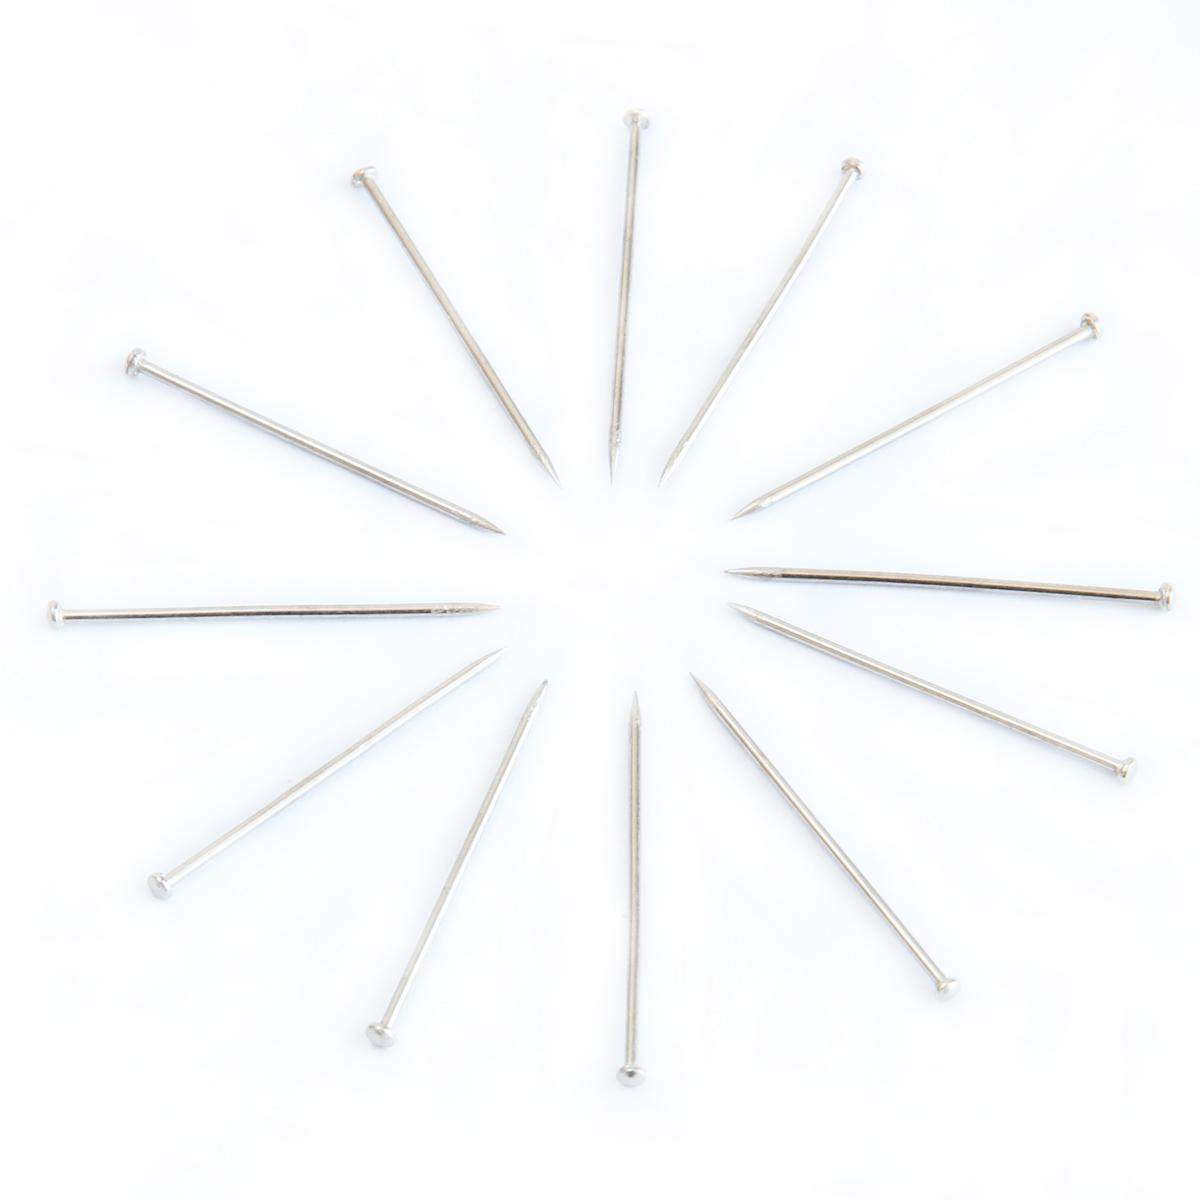 得力大头针珍珠针办公用定位针固定针短别针小号固定钓鱼线组钉针服装固定针银色针钉家用扎针打头裁缝立裁针